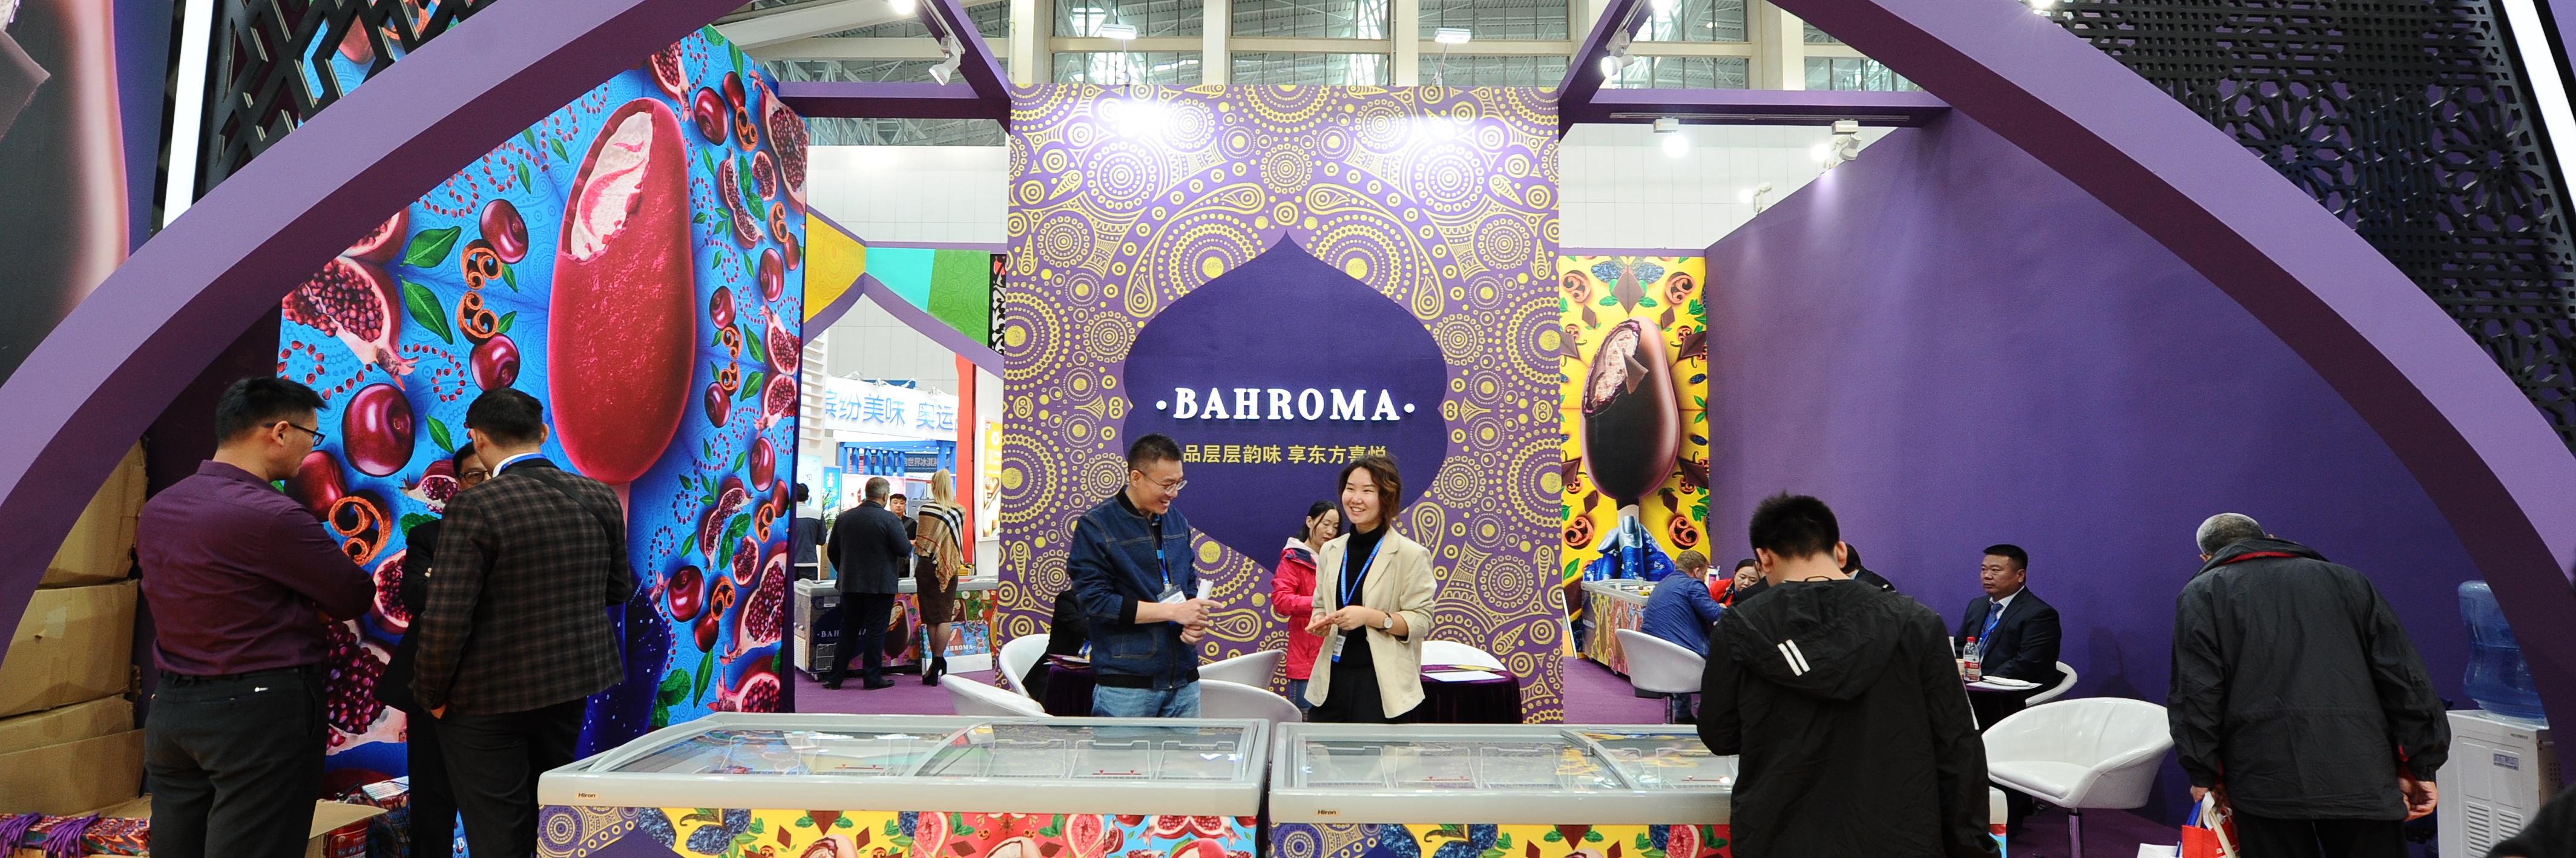 Казахстанская «Бахрома» продолжает покорять Китай